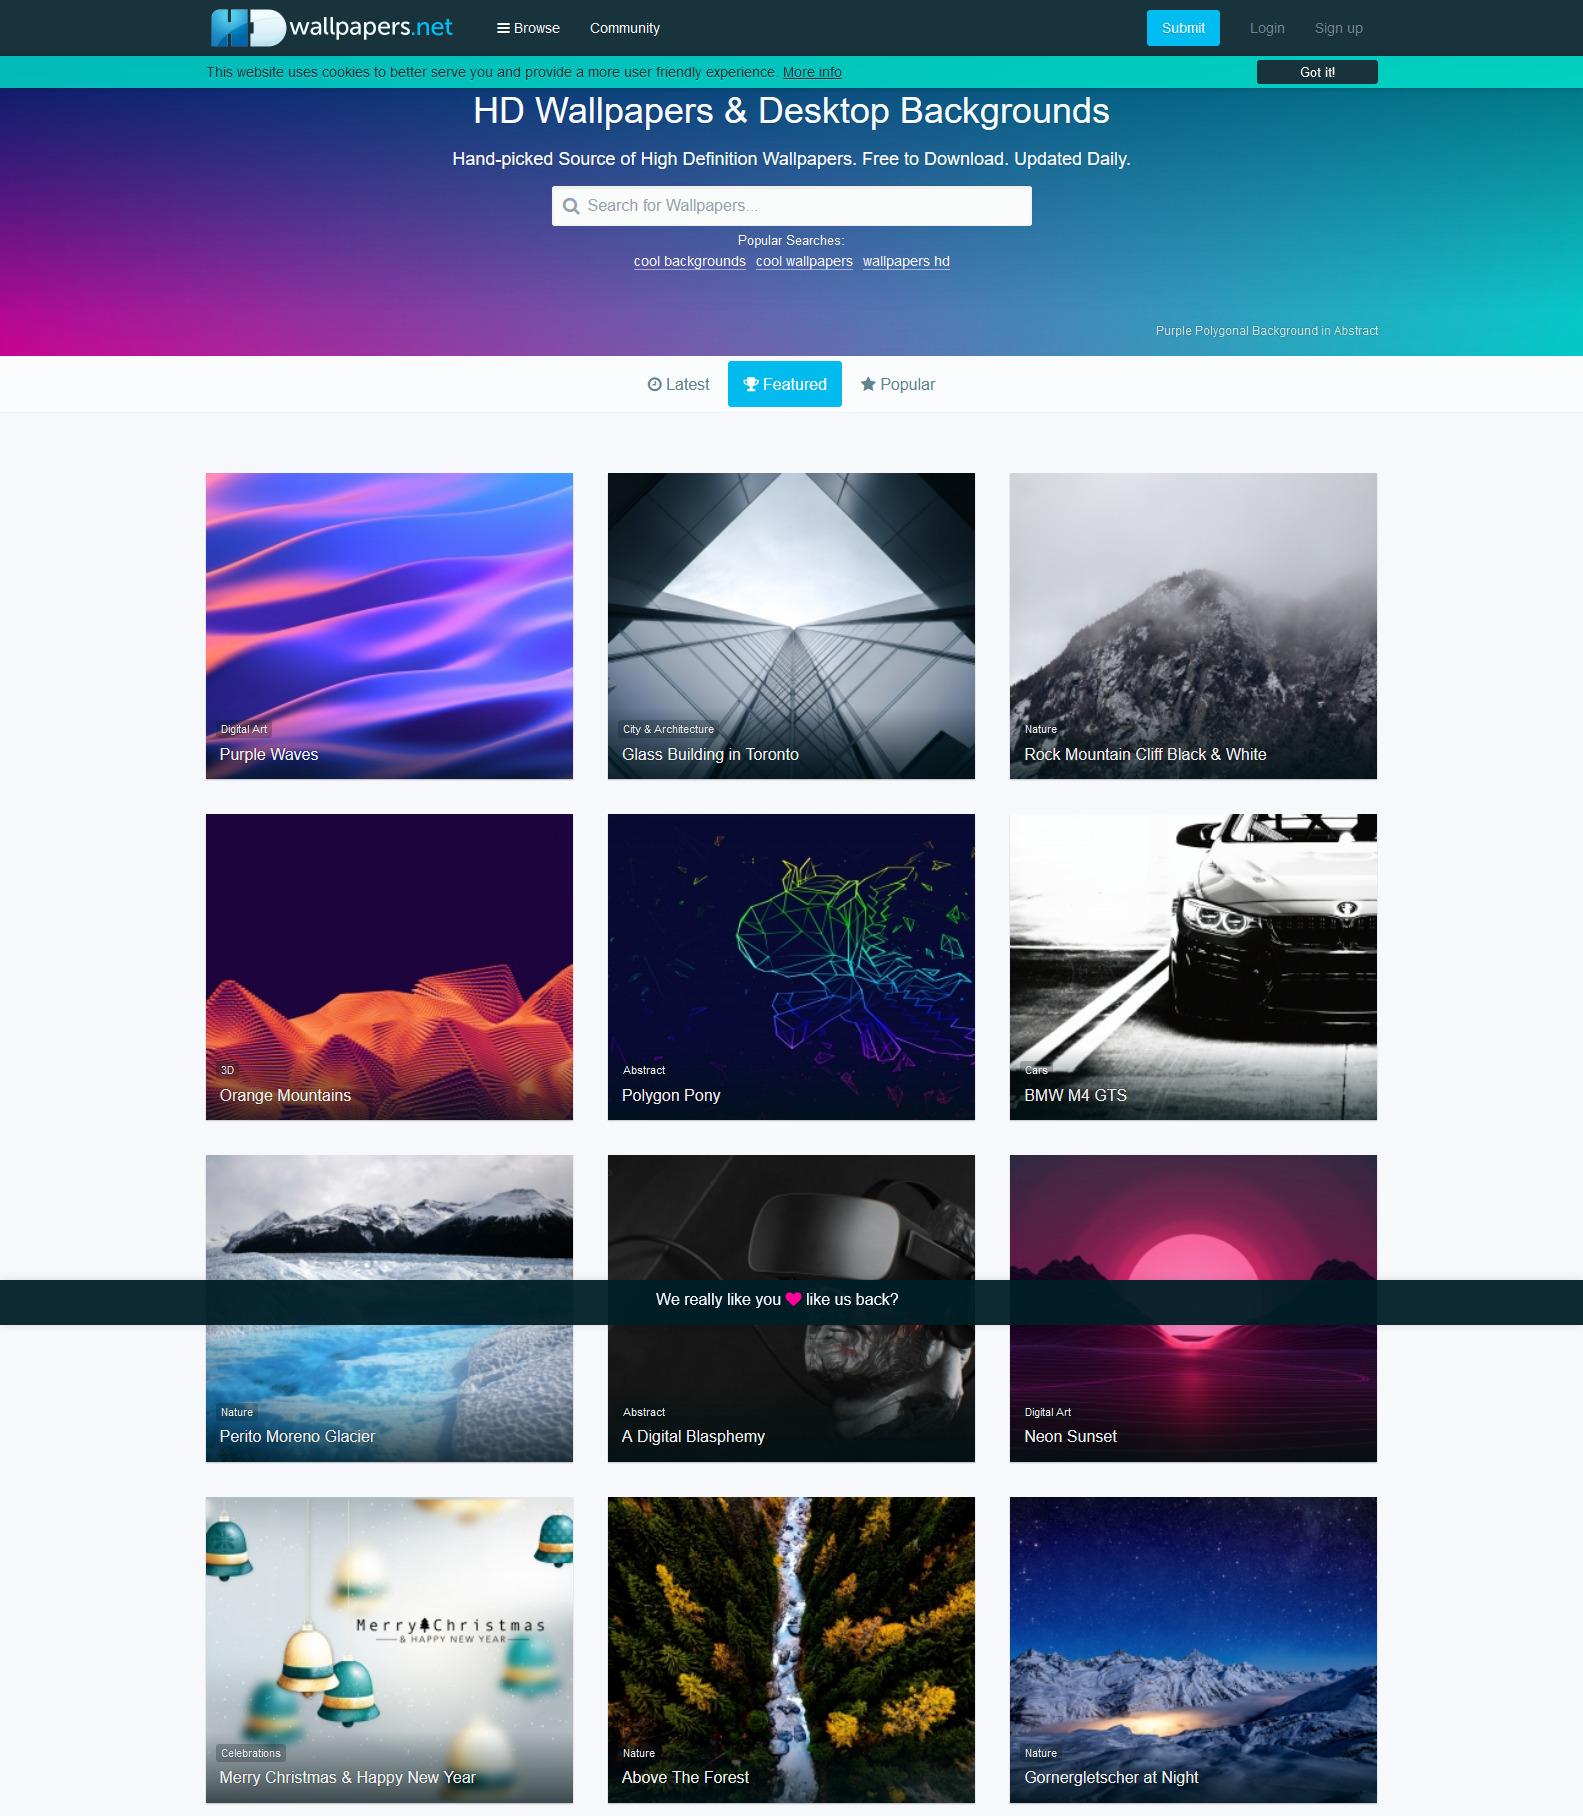 خلفيات دقة اتش دي - أفضل 7 مواقع خلفيات عالية الدقة للجوال و الكمبيوتر و للمصممين و عشاق الصور